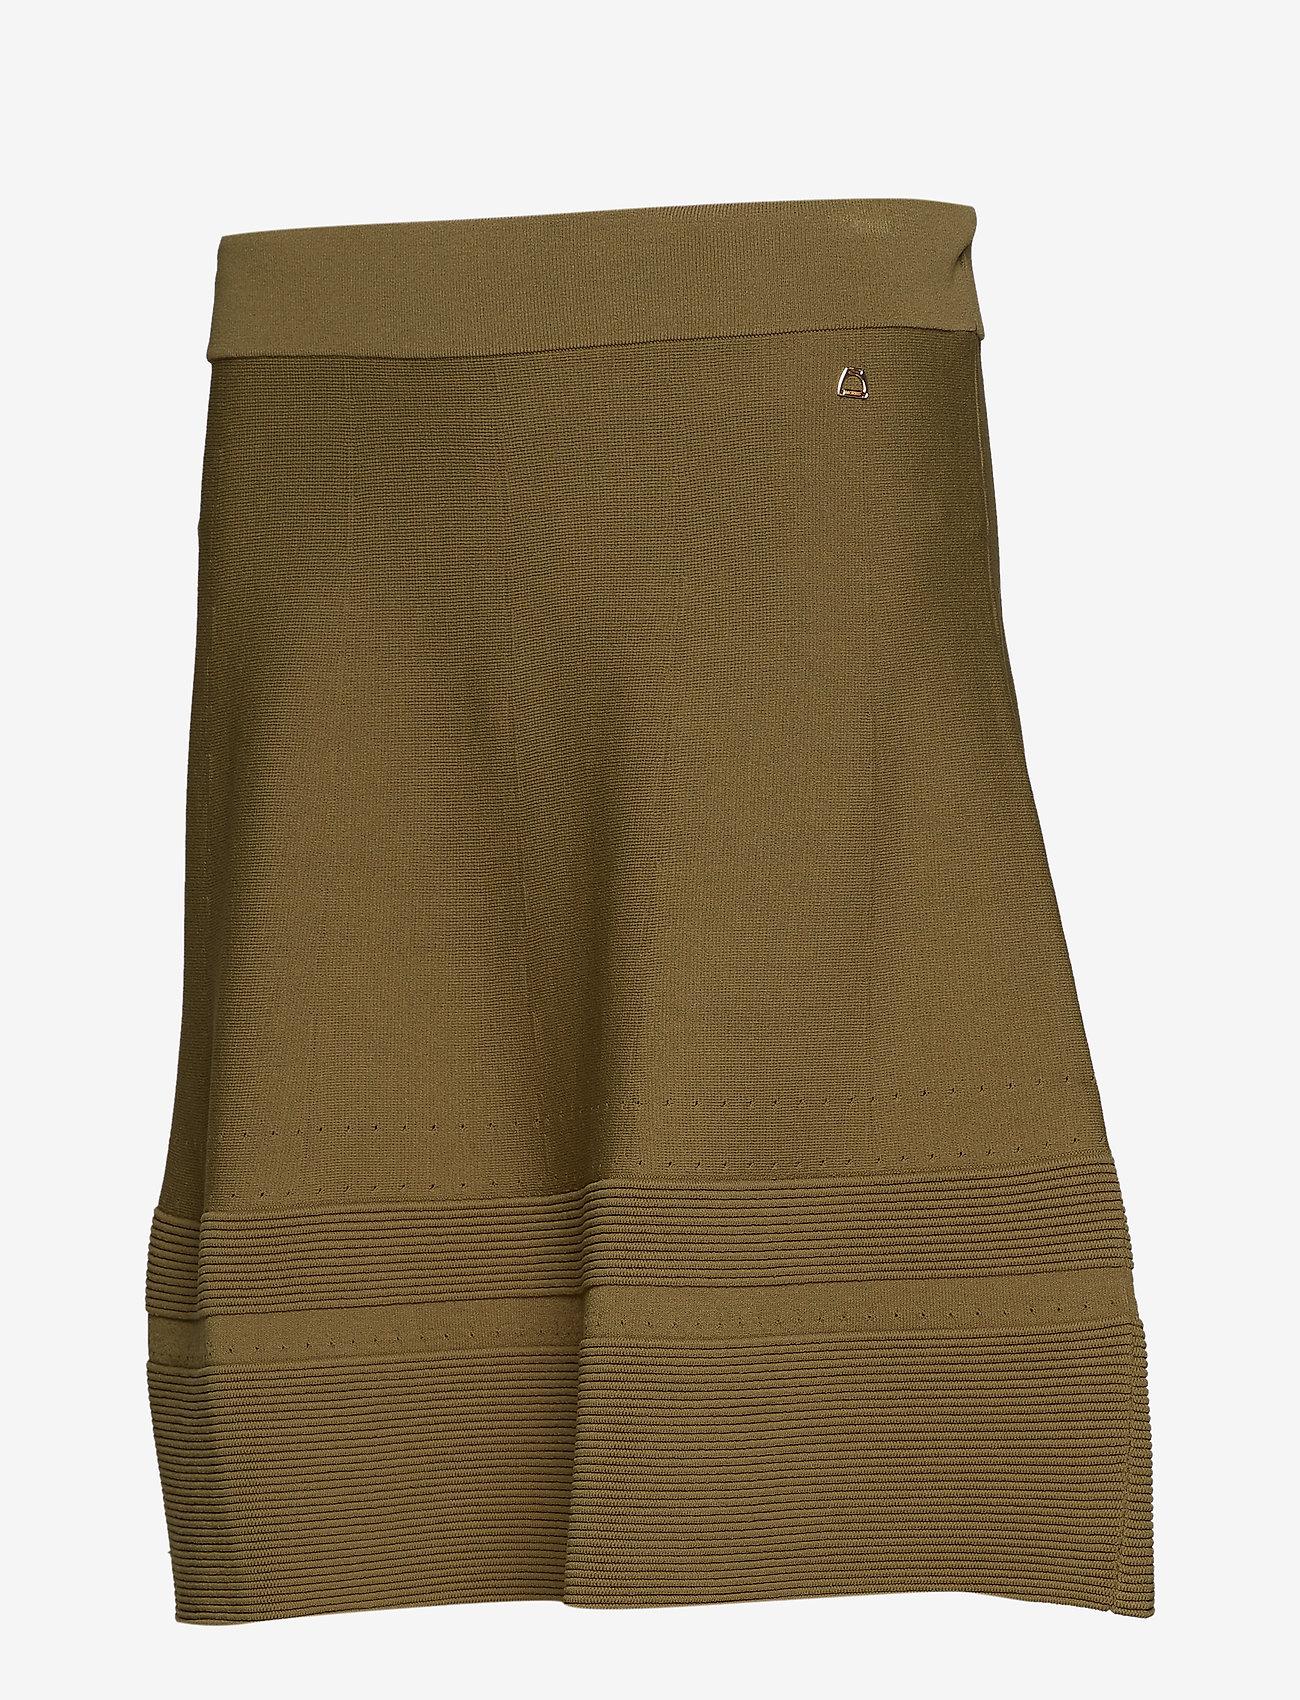 Gavriella Knit Skirt (Olive) (51.60 €) - Morris Lady PTwQoSws